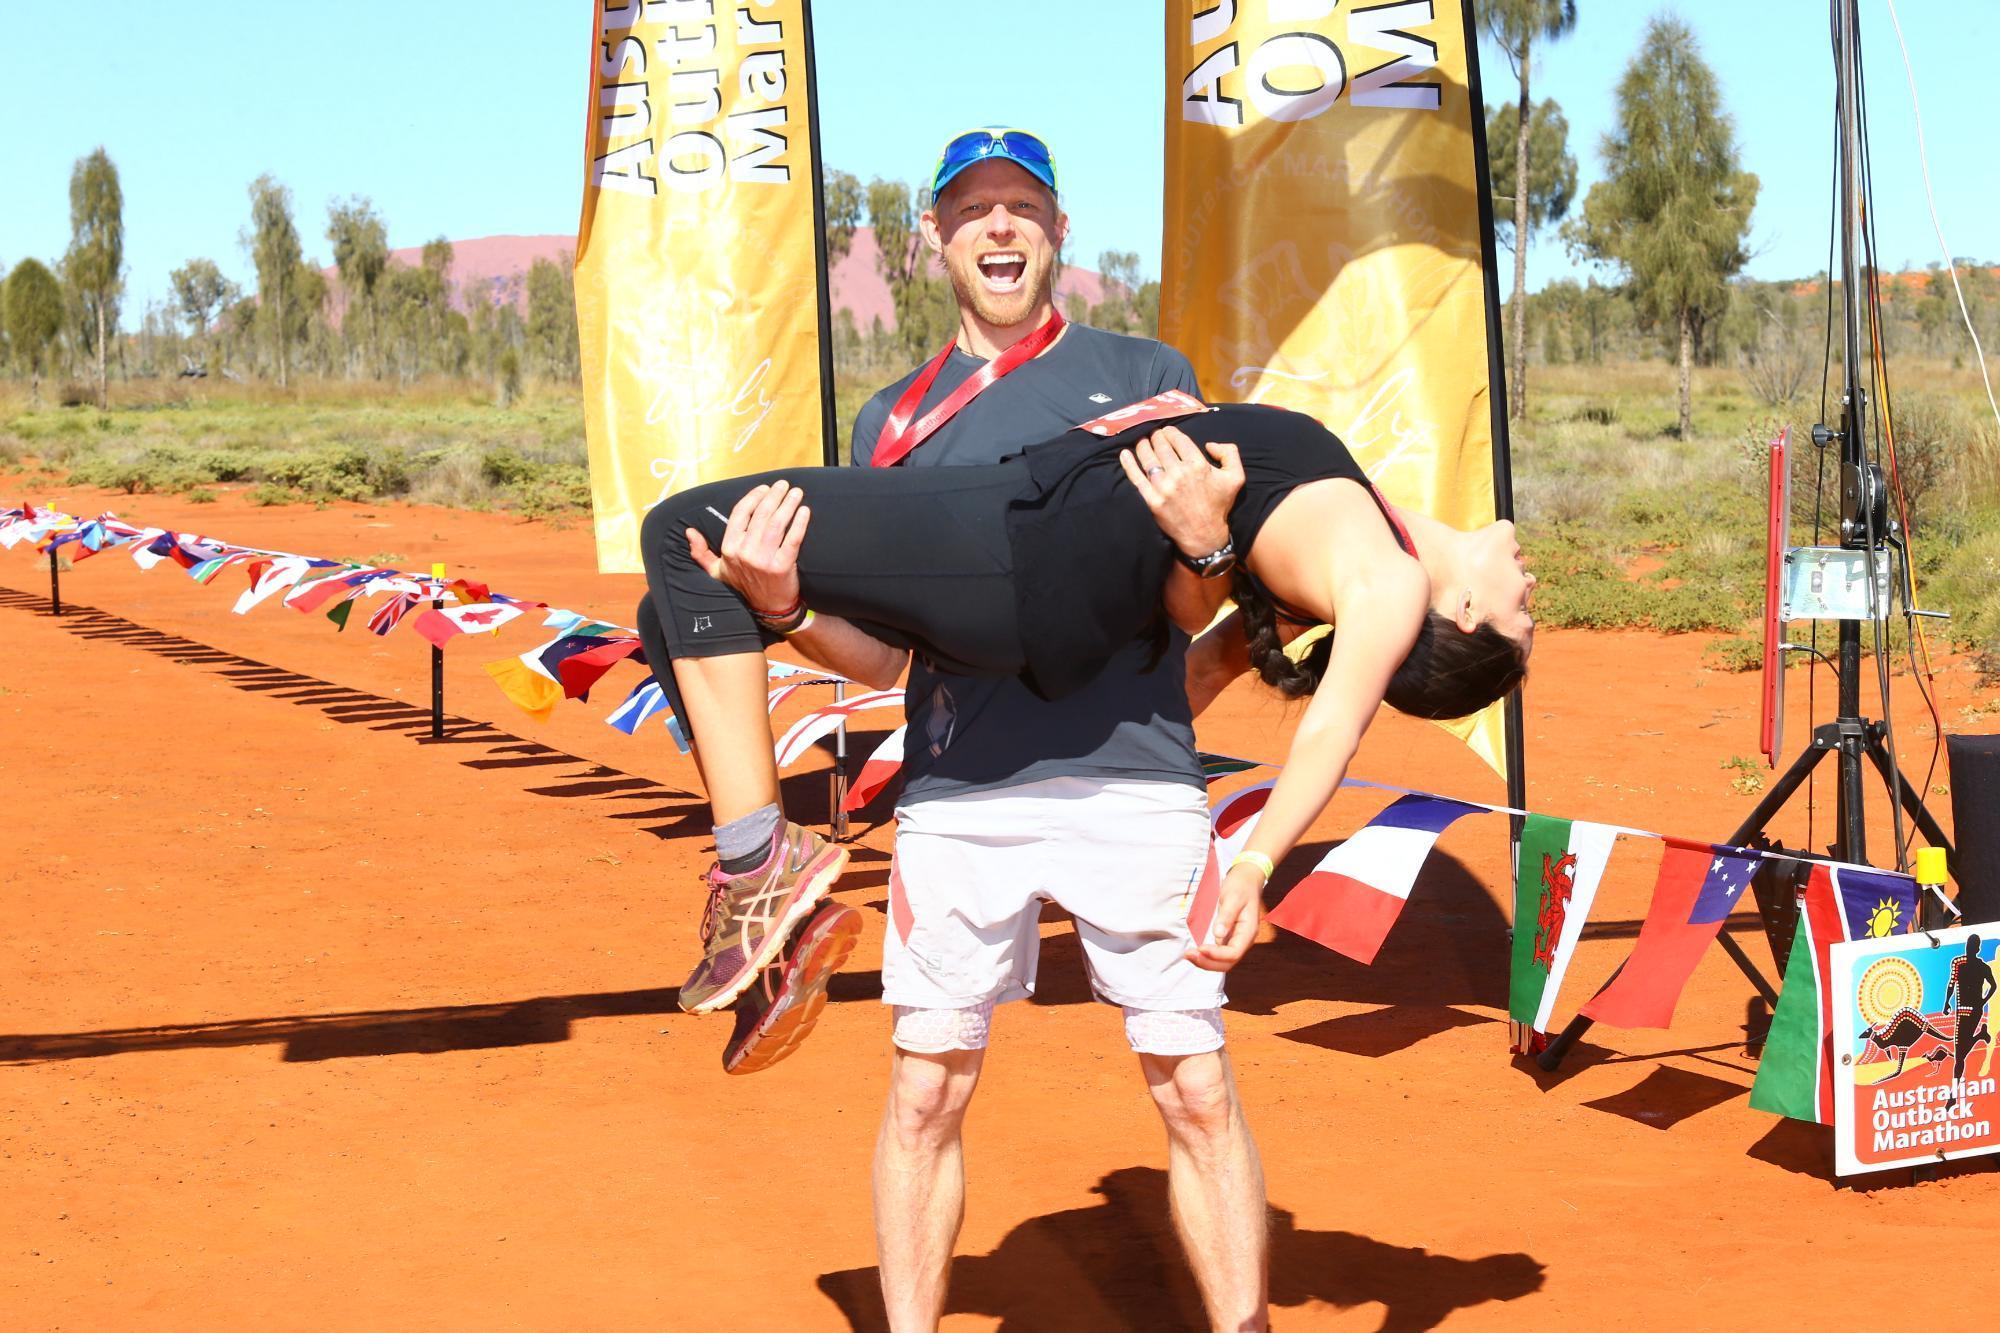 Calendario Maratone Internazionali 2020.Maratona E Viaggi Di Nozze Australia Isole Cook Go